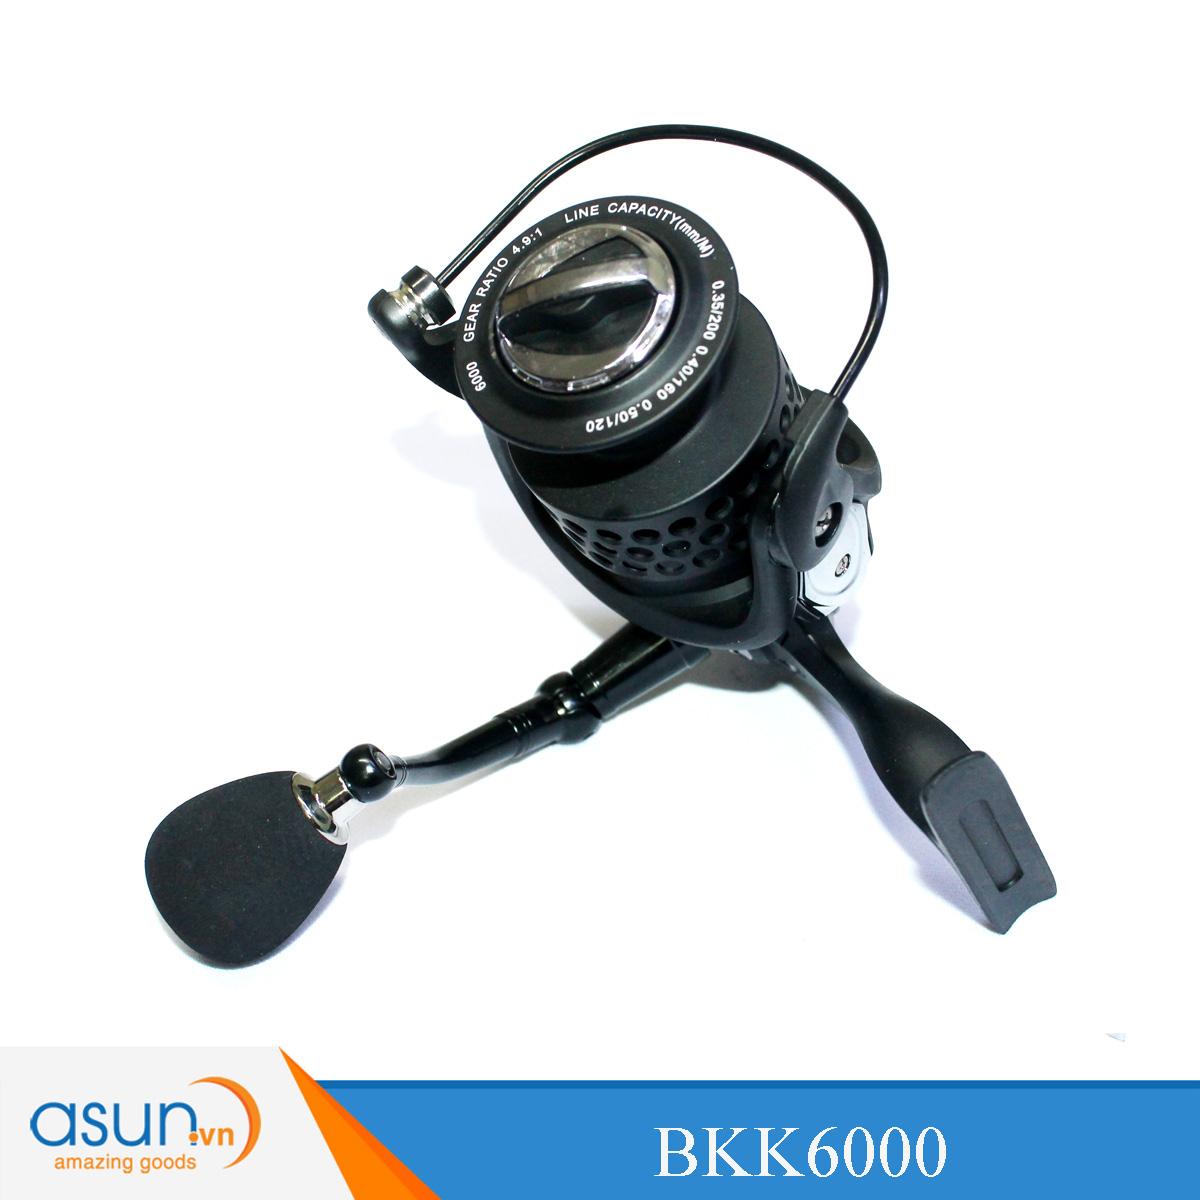 Máy Câu Đứng I Lure BKK6000 - Chính Hãng Bảo Hành 3 Tháng